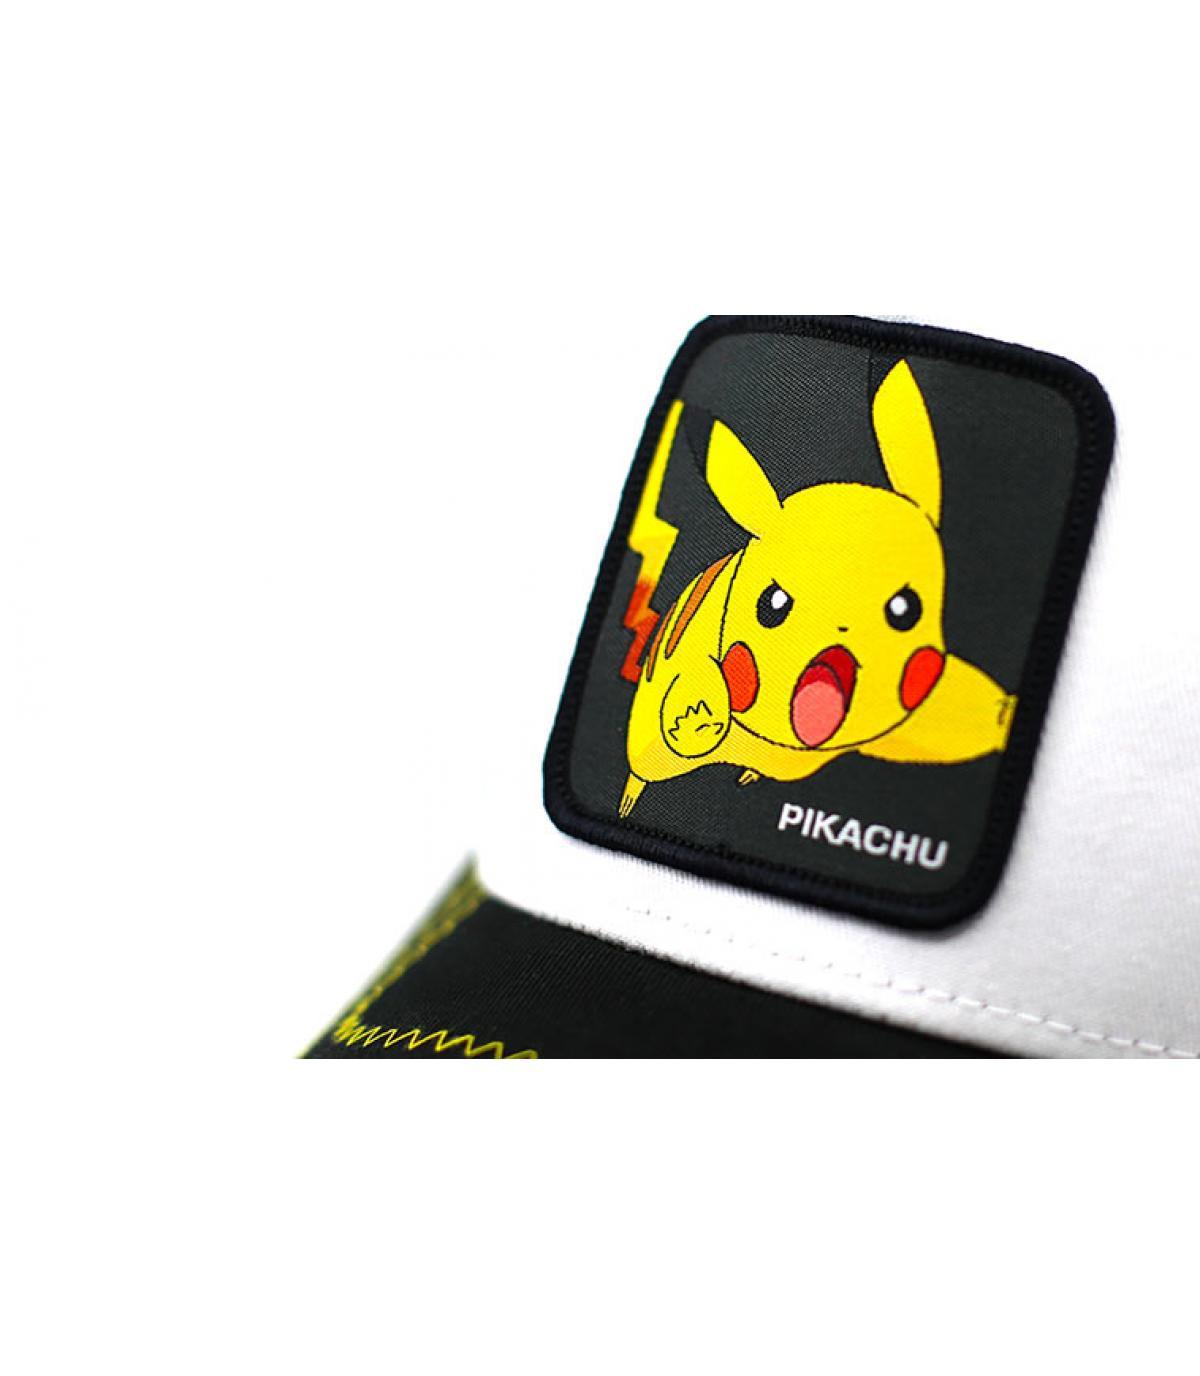 Dettagli Trucker Pokmeon Pikachu - image 3